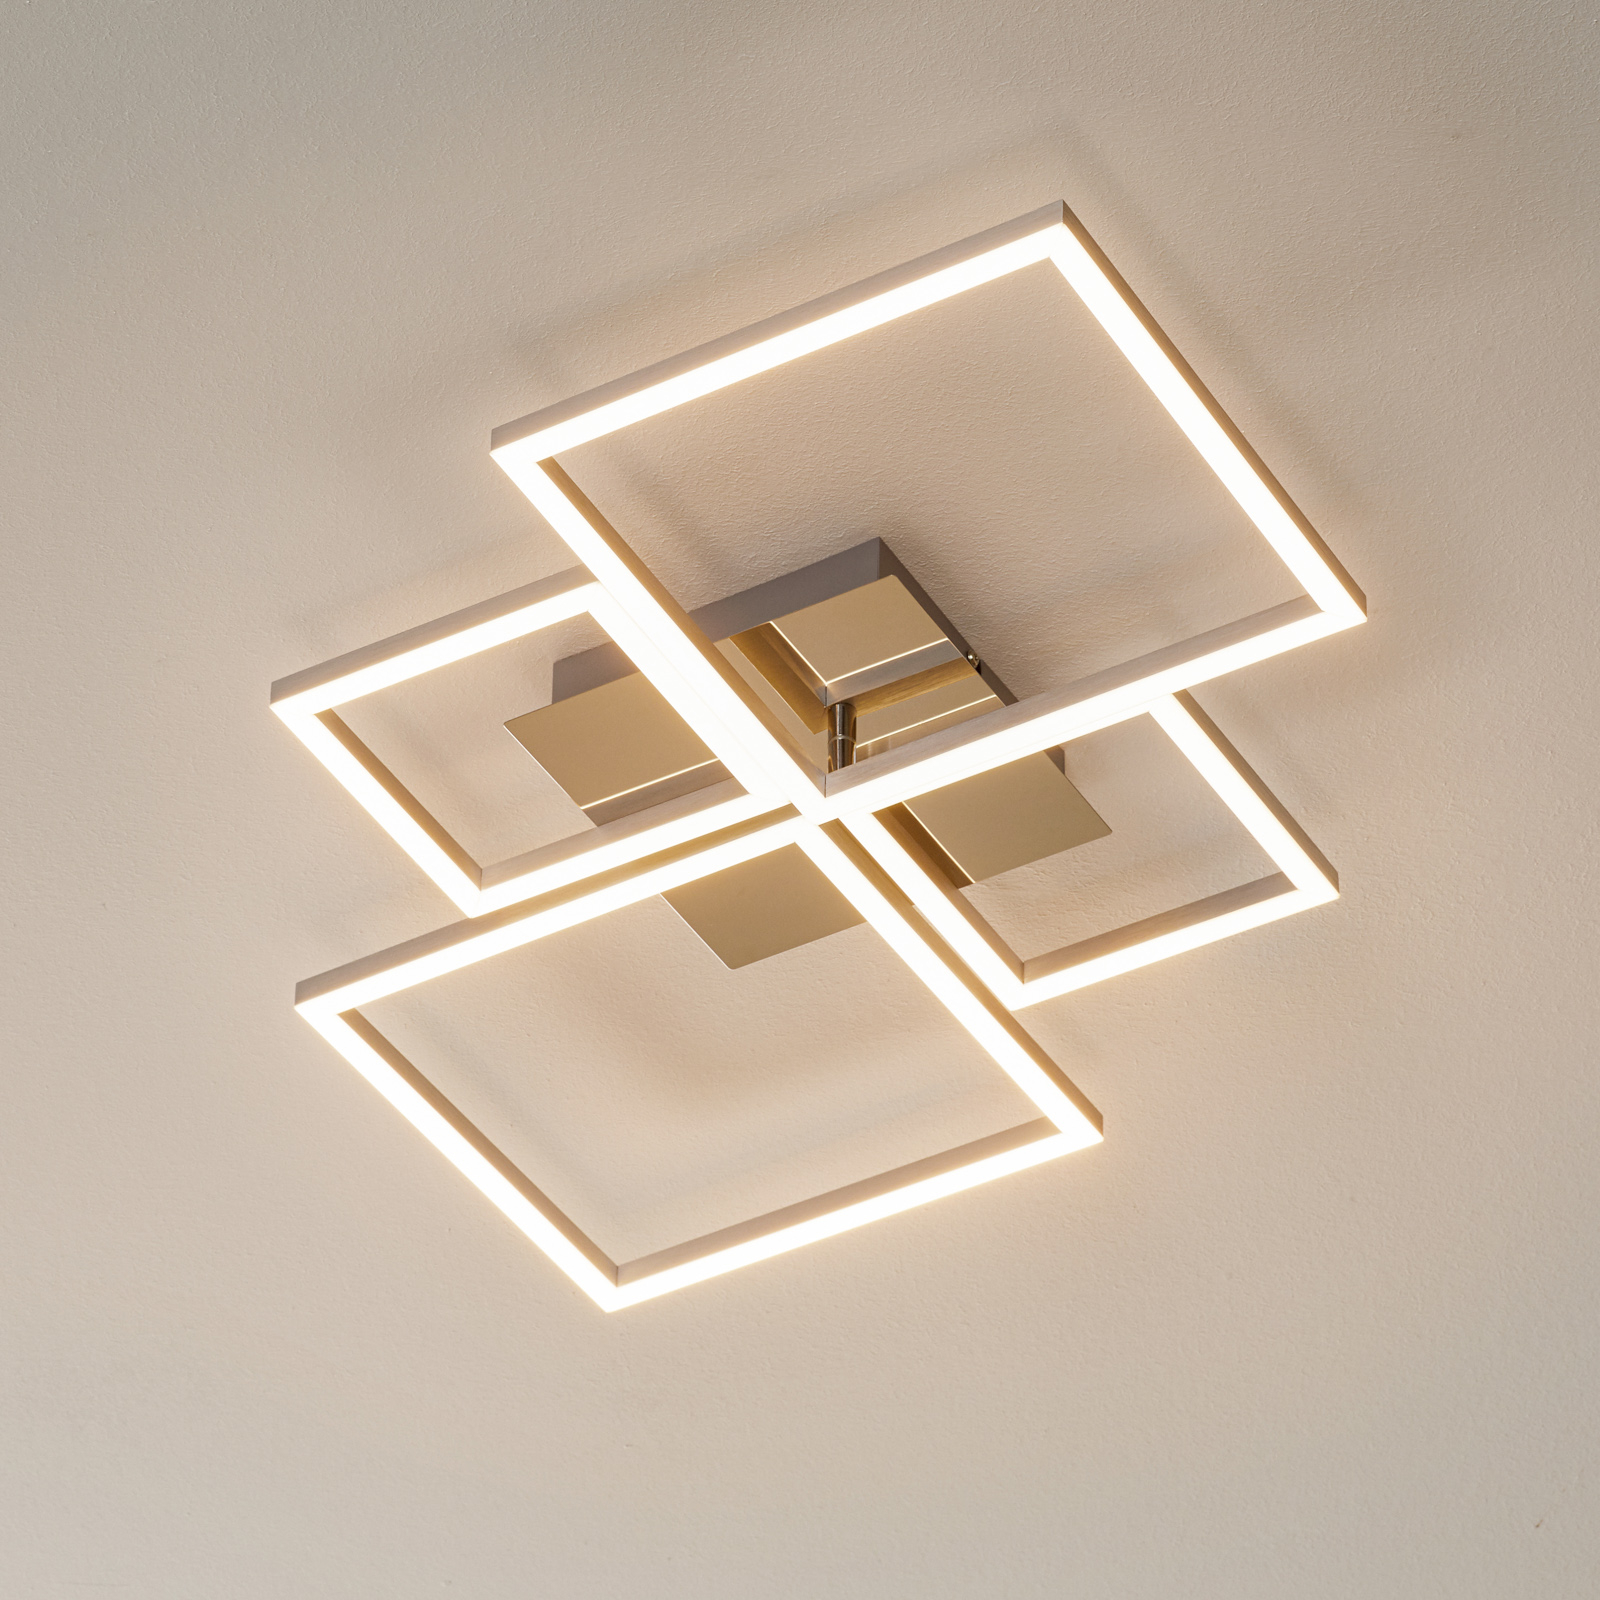 3128-018 LED-loftlampe, kan dæmpes via vægkontakt